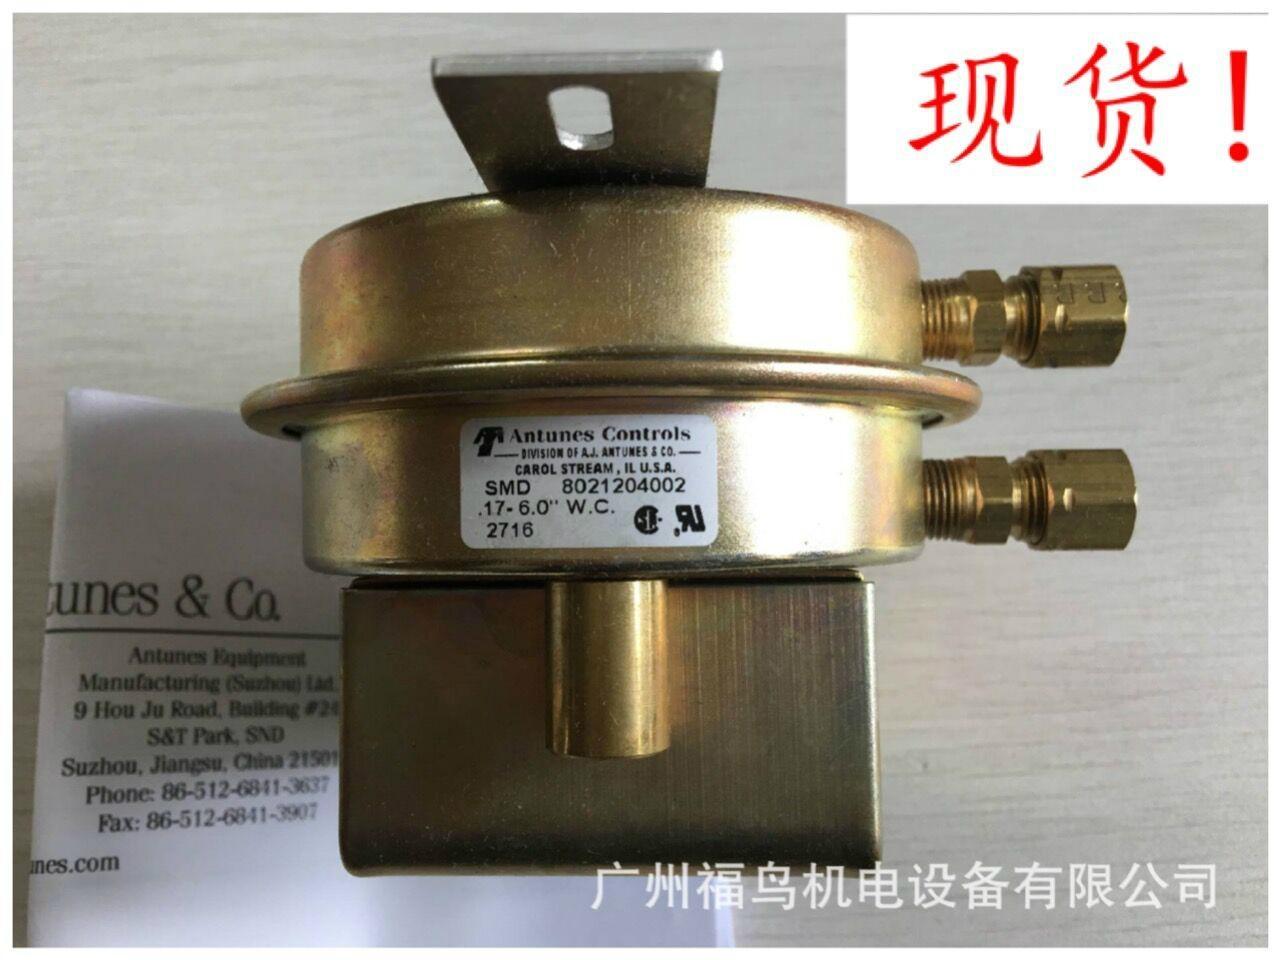 ANTUNES CONTROLS壓力開關, 型號: SMD 8021204002